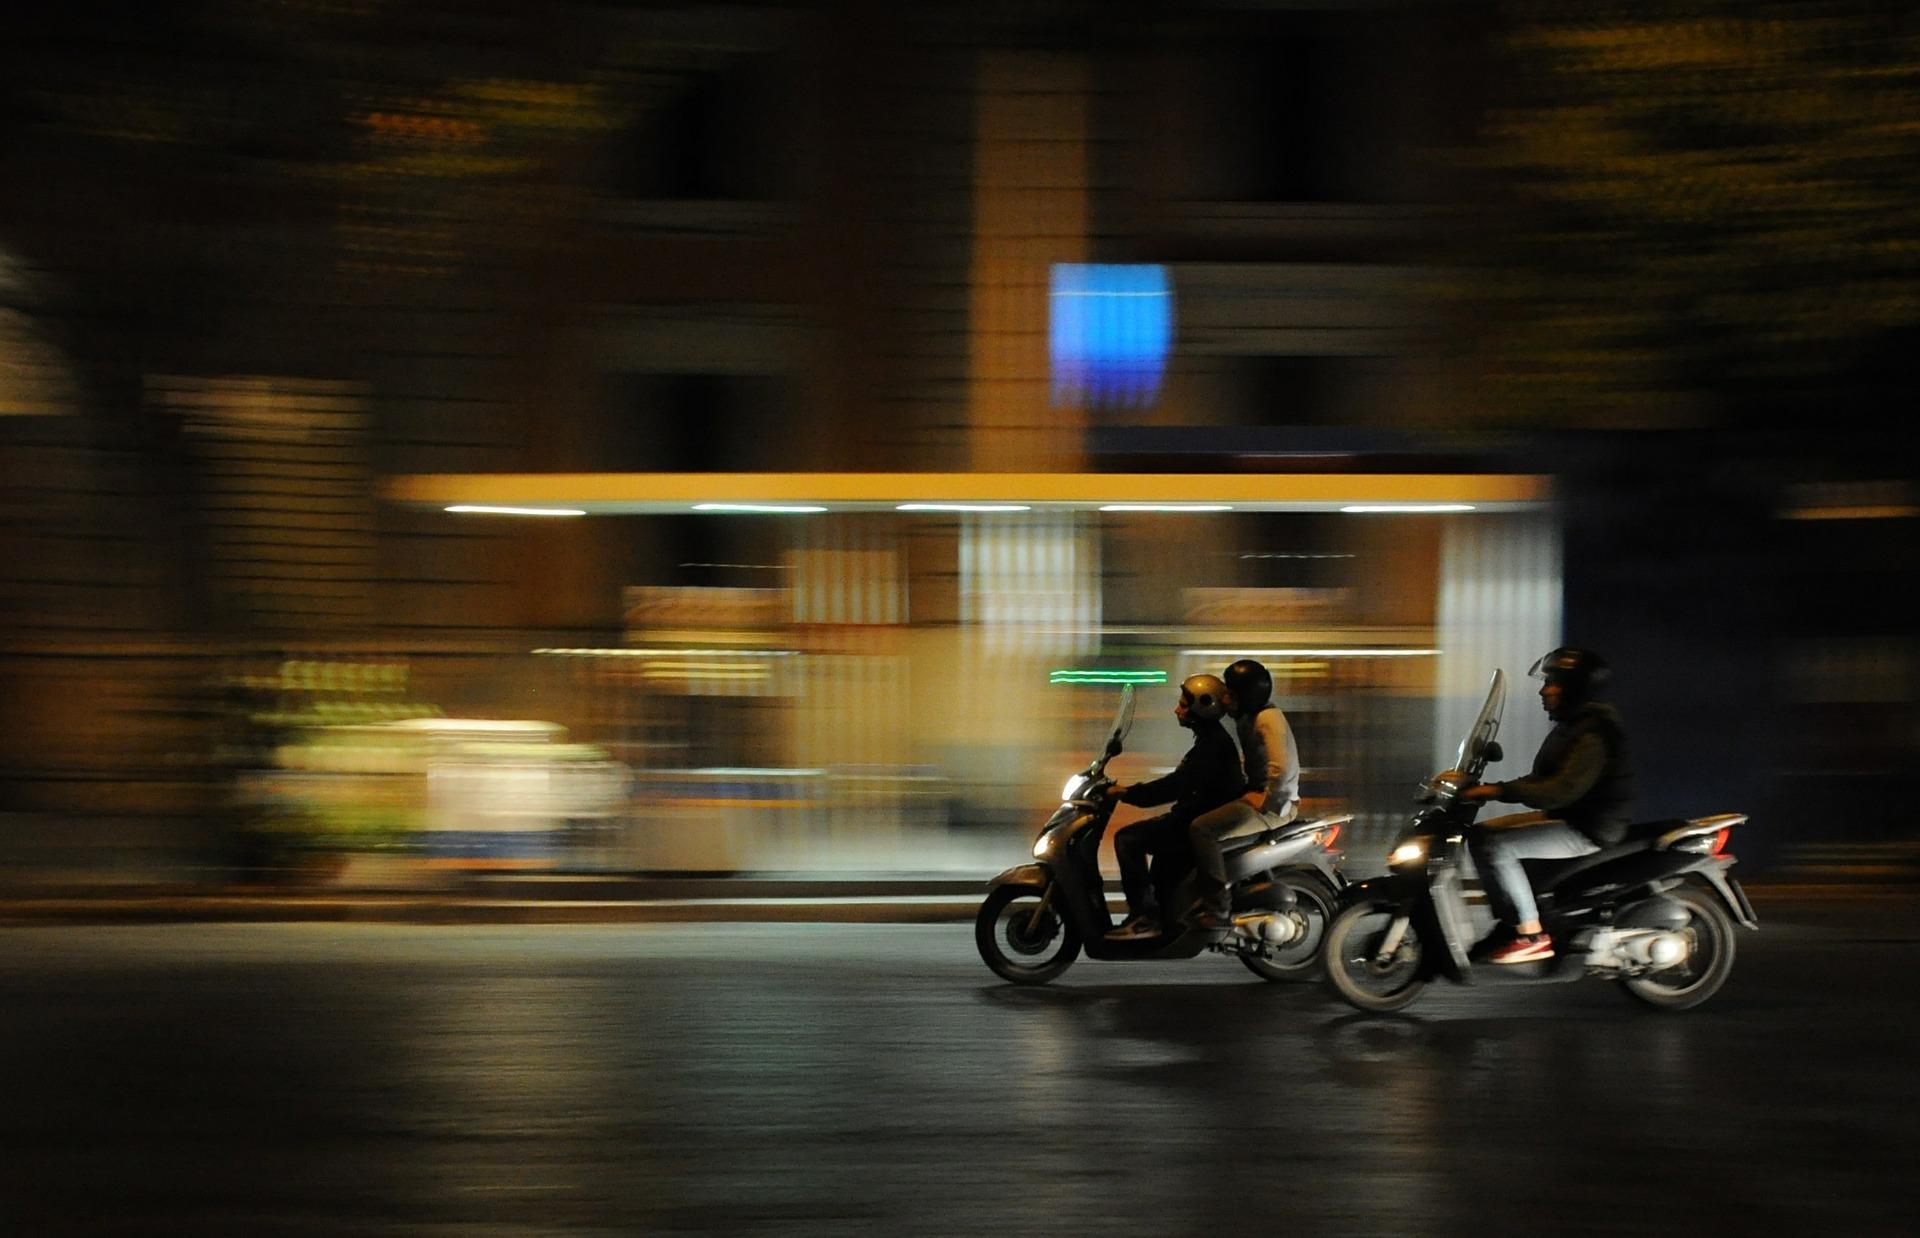 Scooter opgevoerd verzekering